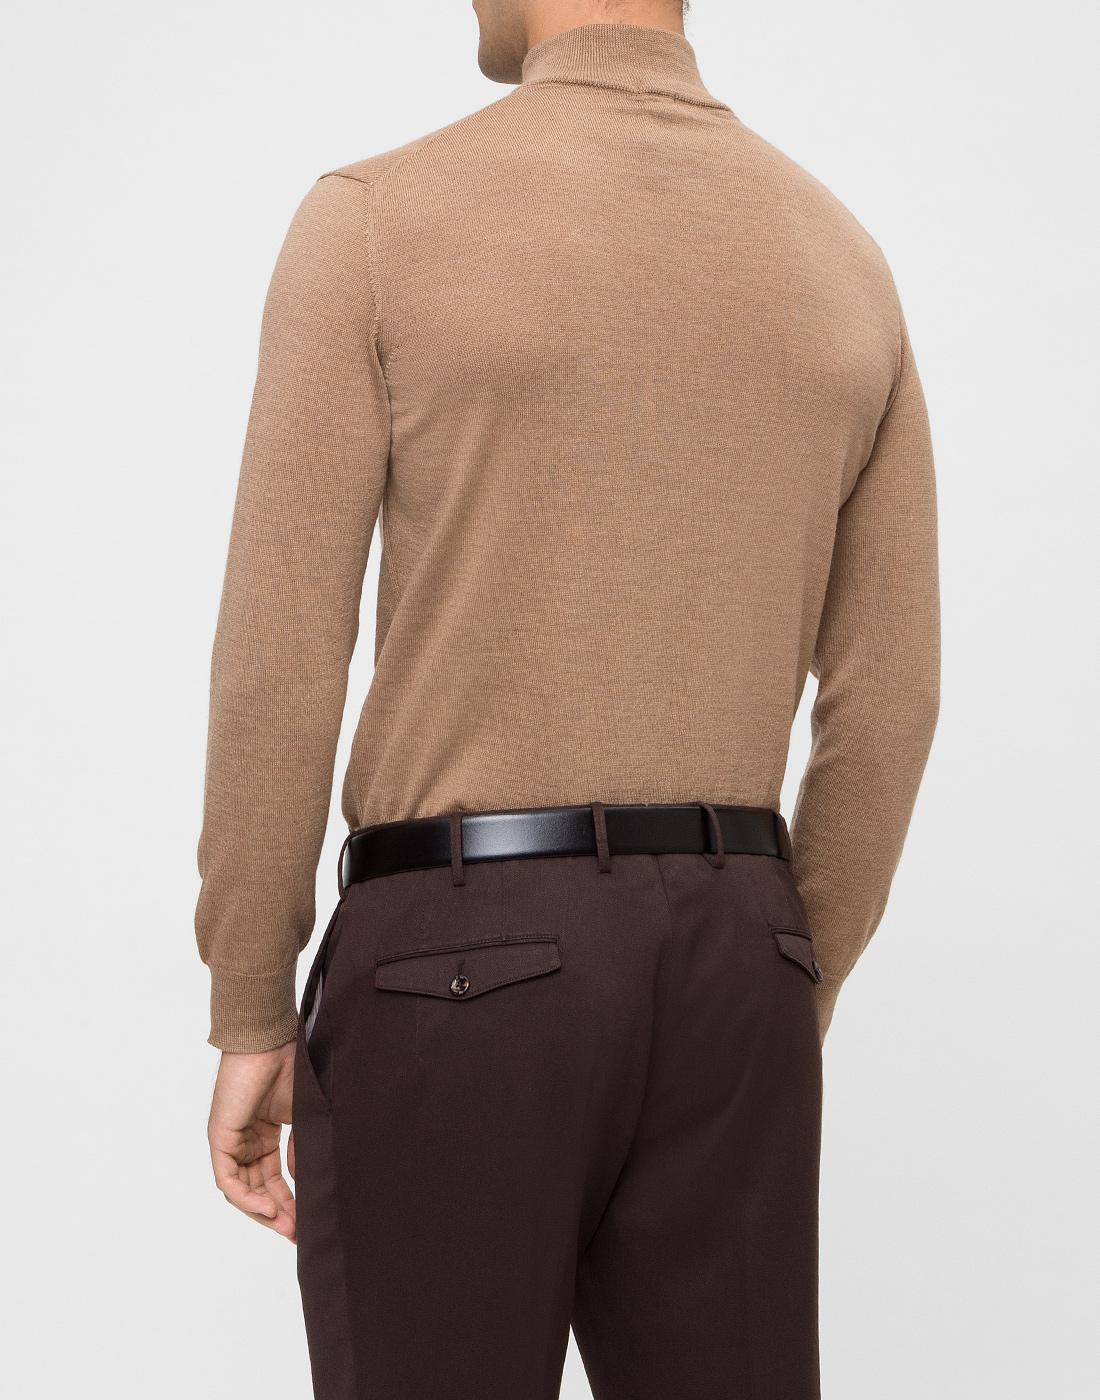 Мужской бежевый шерстяной свитер Dalmine S692029 537-4